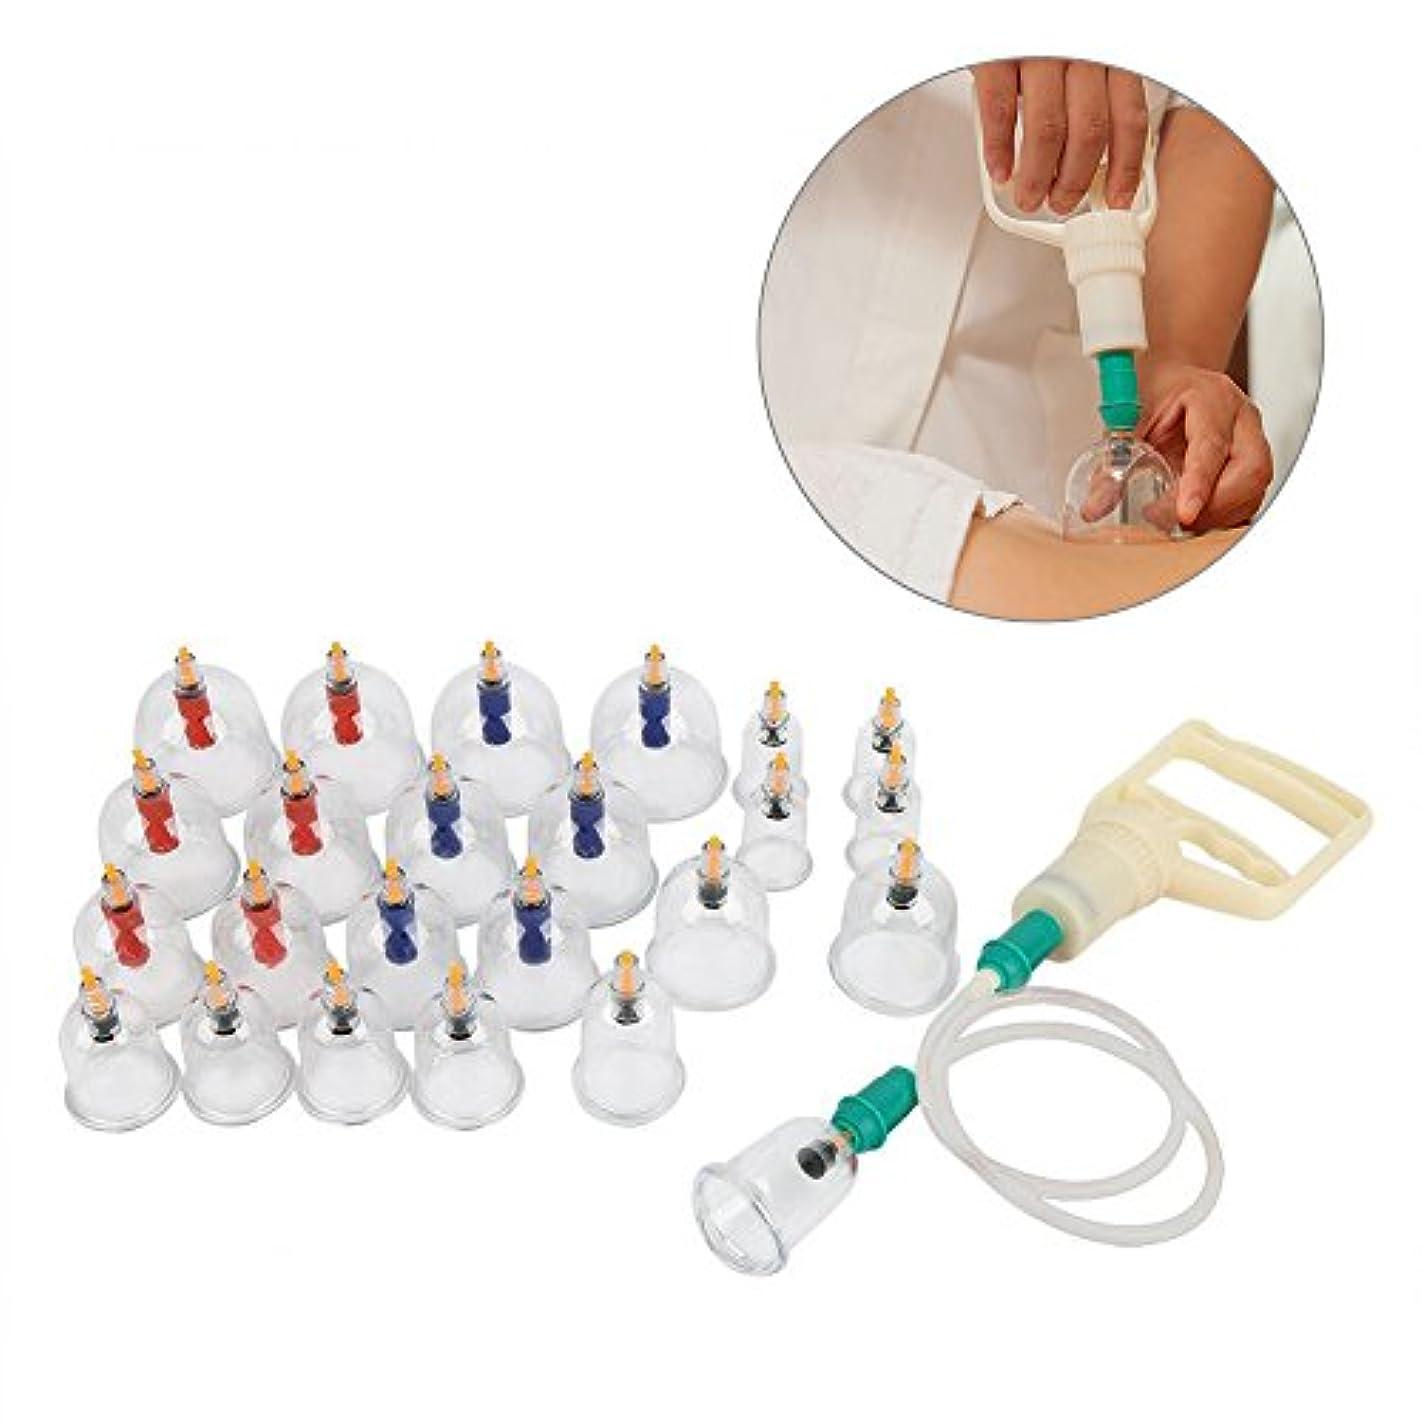 抽象気晴らし有限24個のU字型カッピング真空マッサージ療法ボディの真空サクションカップ伝統的な中国の医療用真空